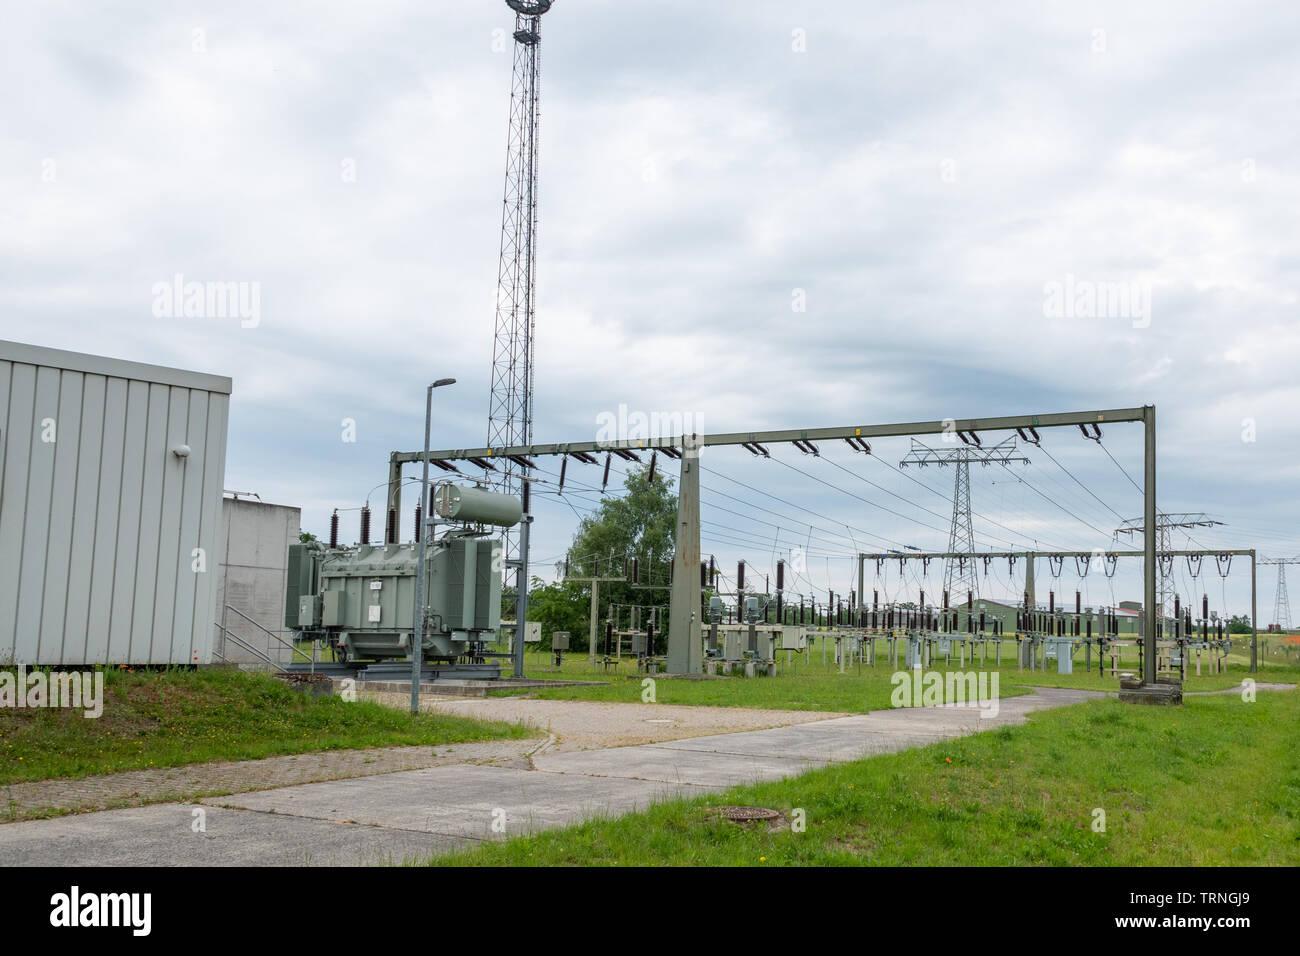 Ein Umspannwerk ist Teil des elektrischen Versorgungsnetzes eines Energieversorgungsunternehmens und dient der Verbindung unterschiedlicher Spannungse Stockfoto